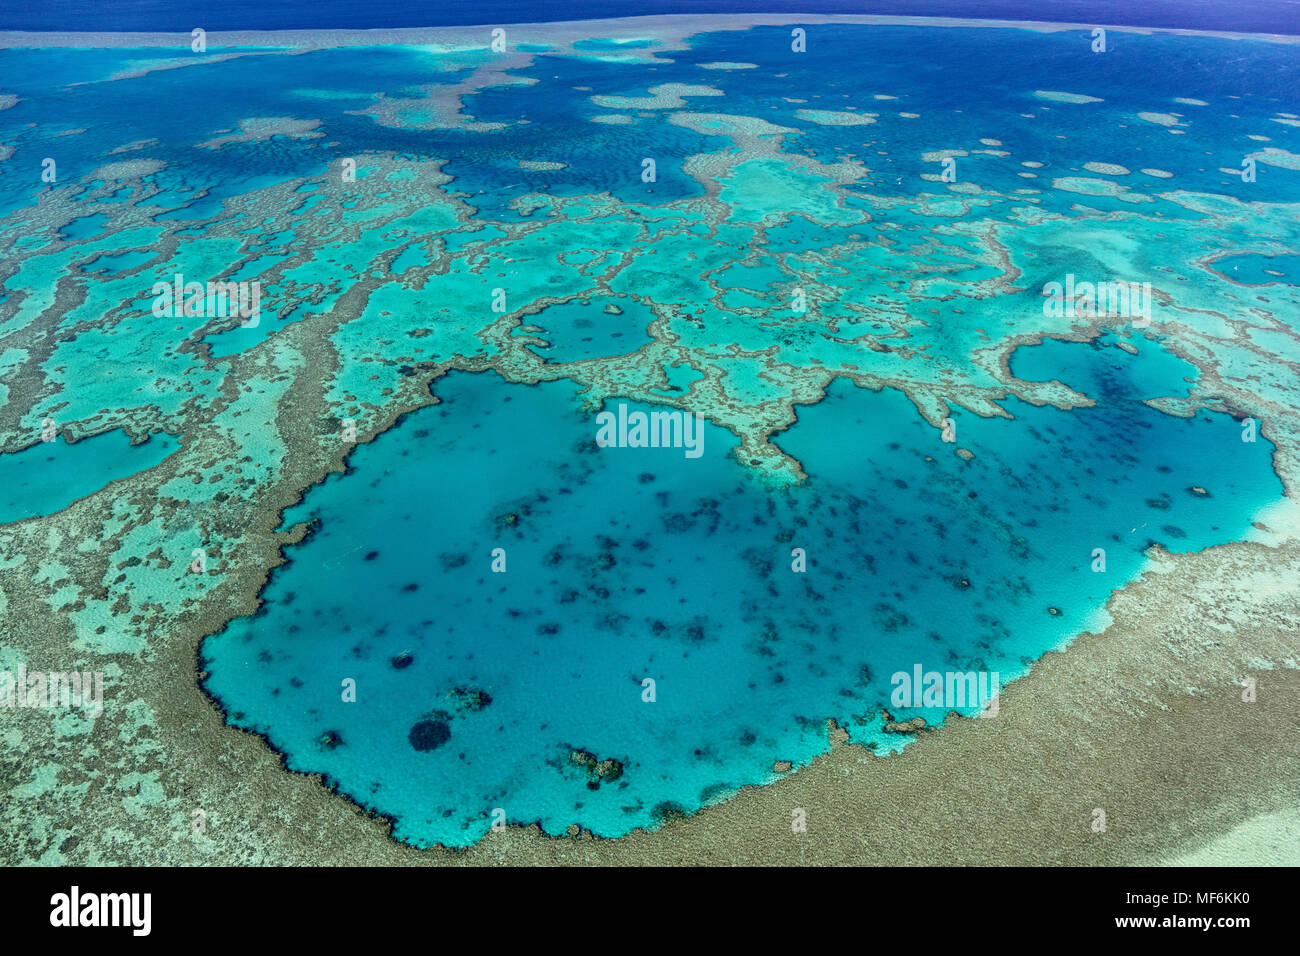 Strukturen im Korallenriff, das äußere Great Barrier Reef, Queensland, Australien Stockbild